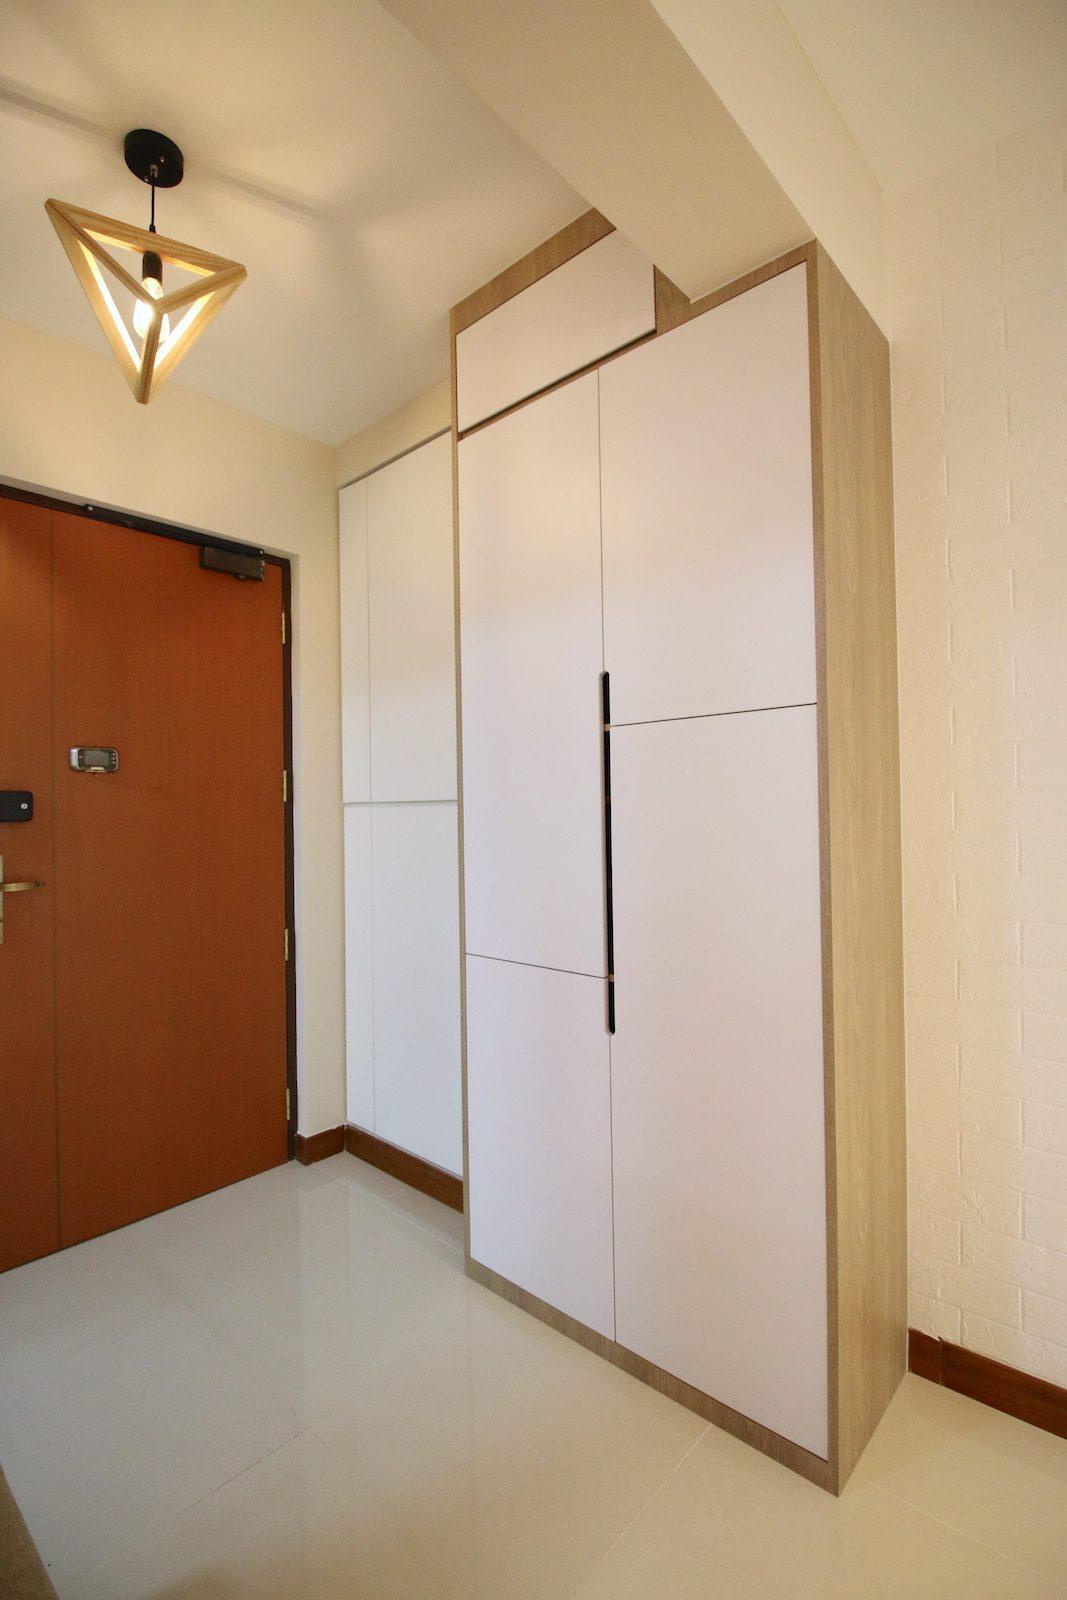 Home Interior Design Foyer: Home Room Interior Design And Custom Carpentry Singapore